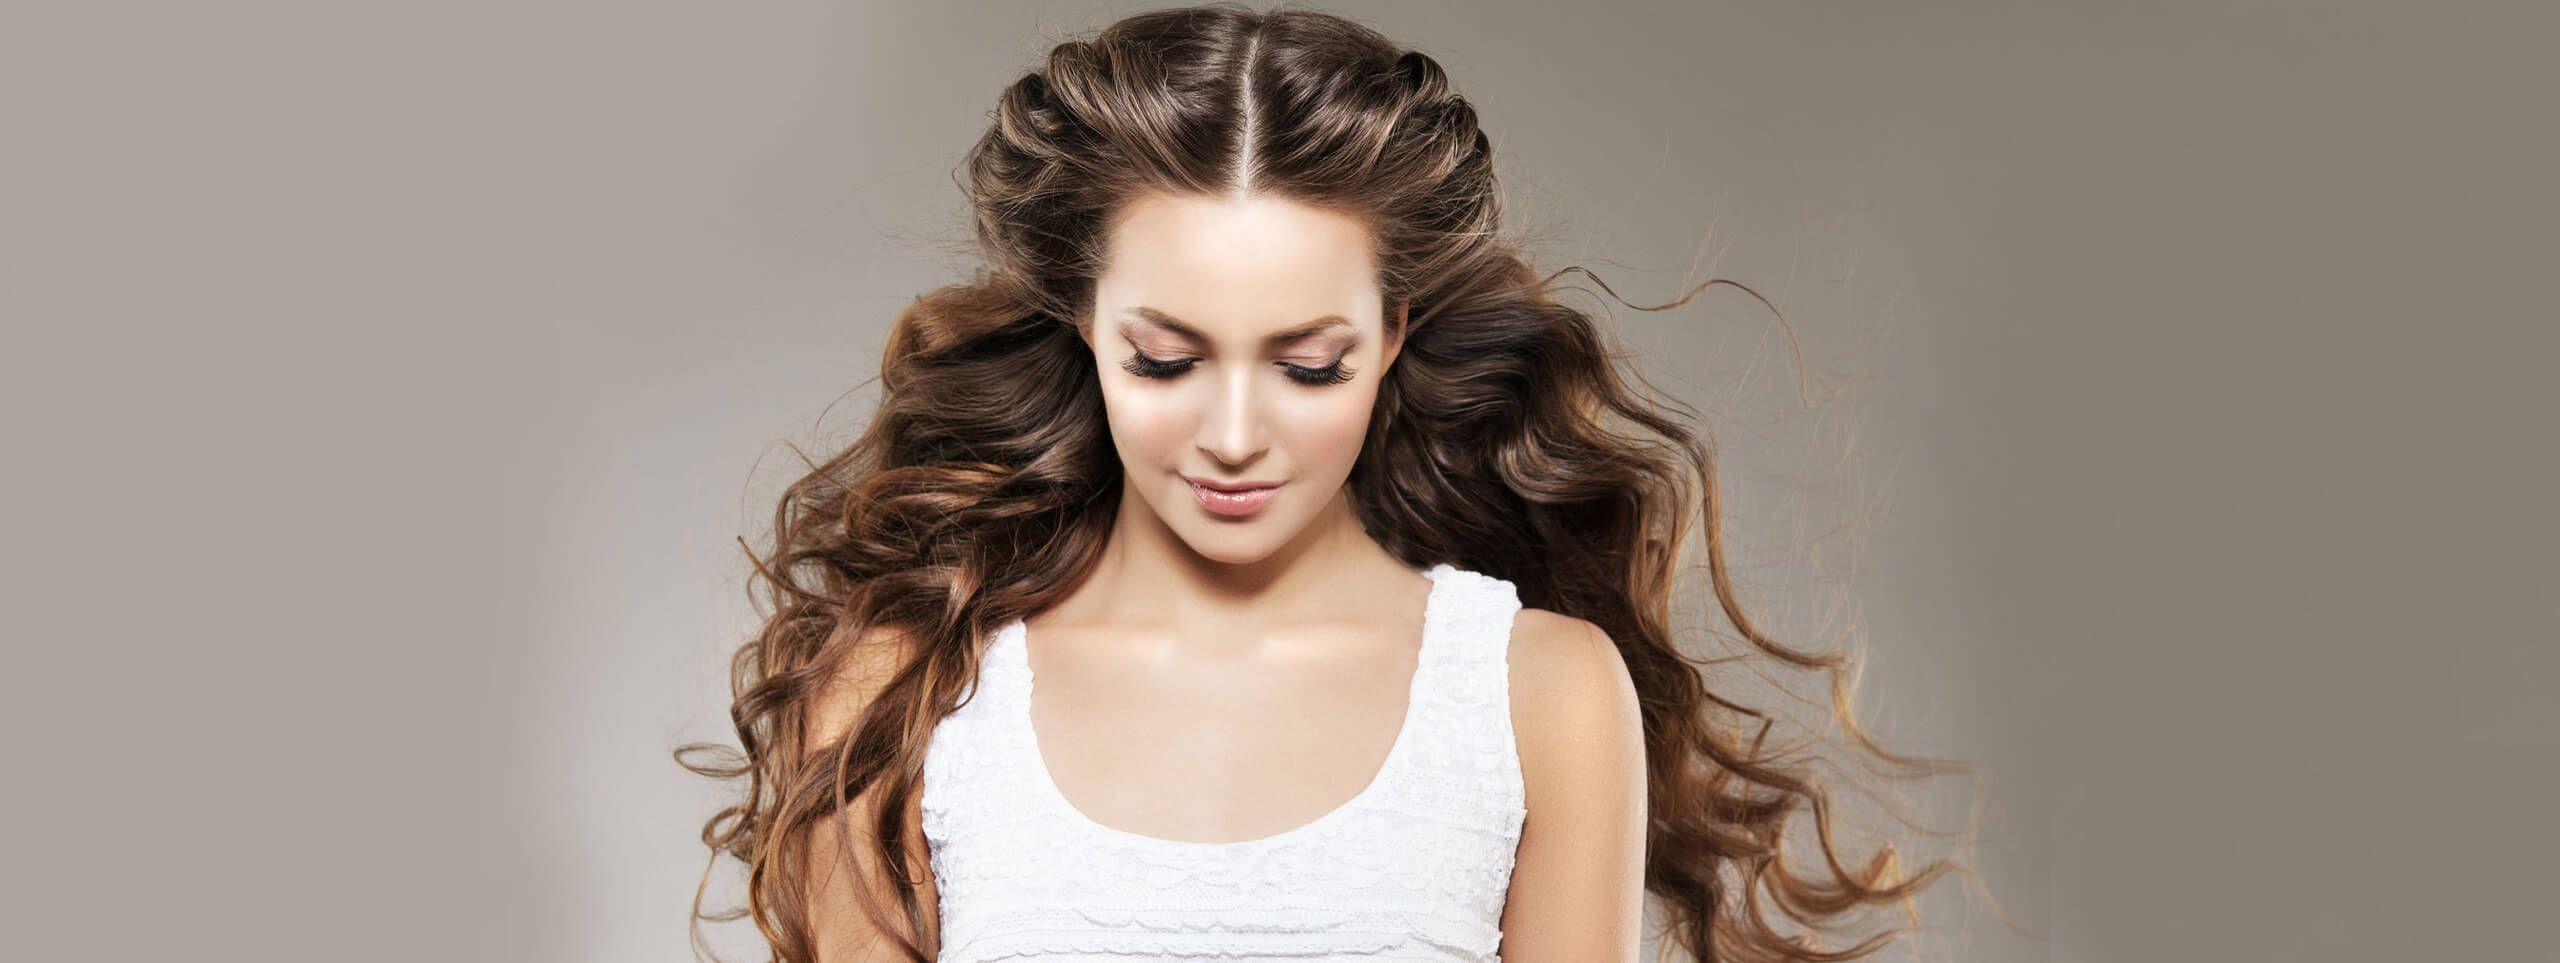 Объем у корней для длинных волос